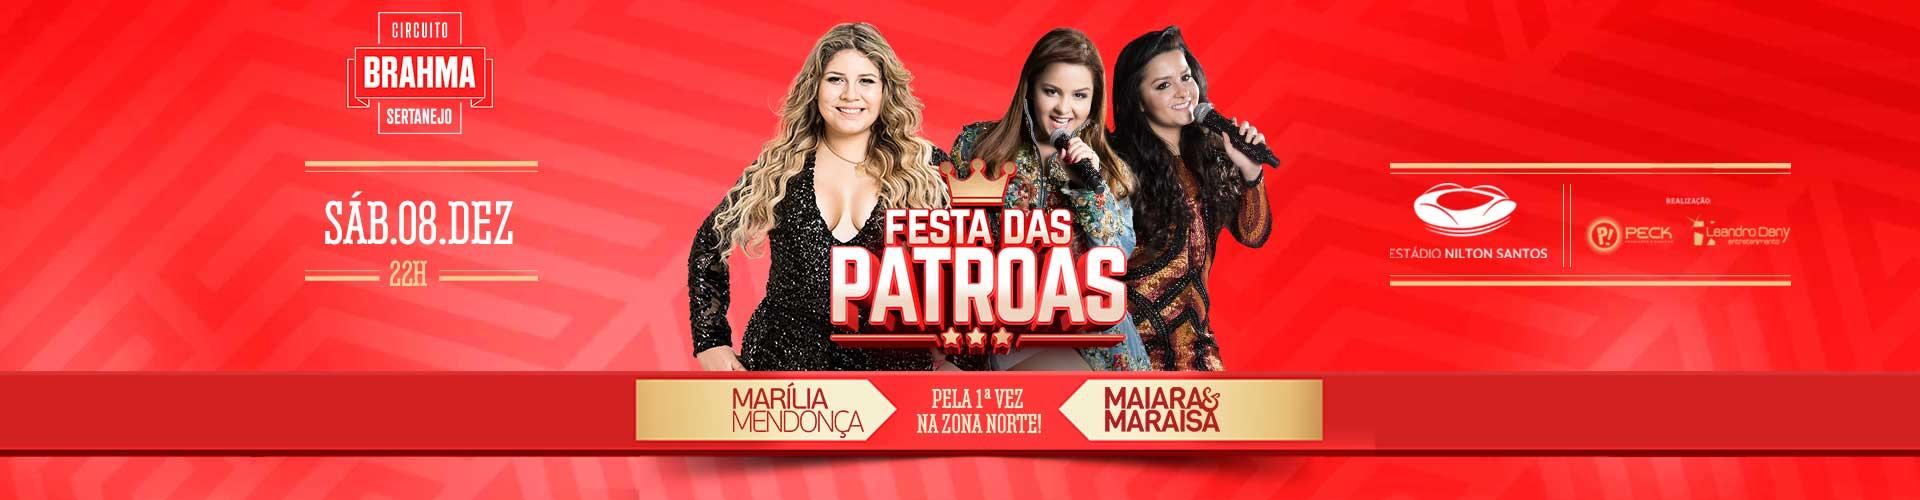 Festa das Patroas - 08/12/2018